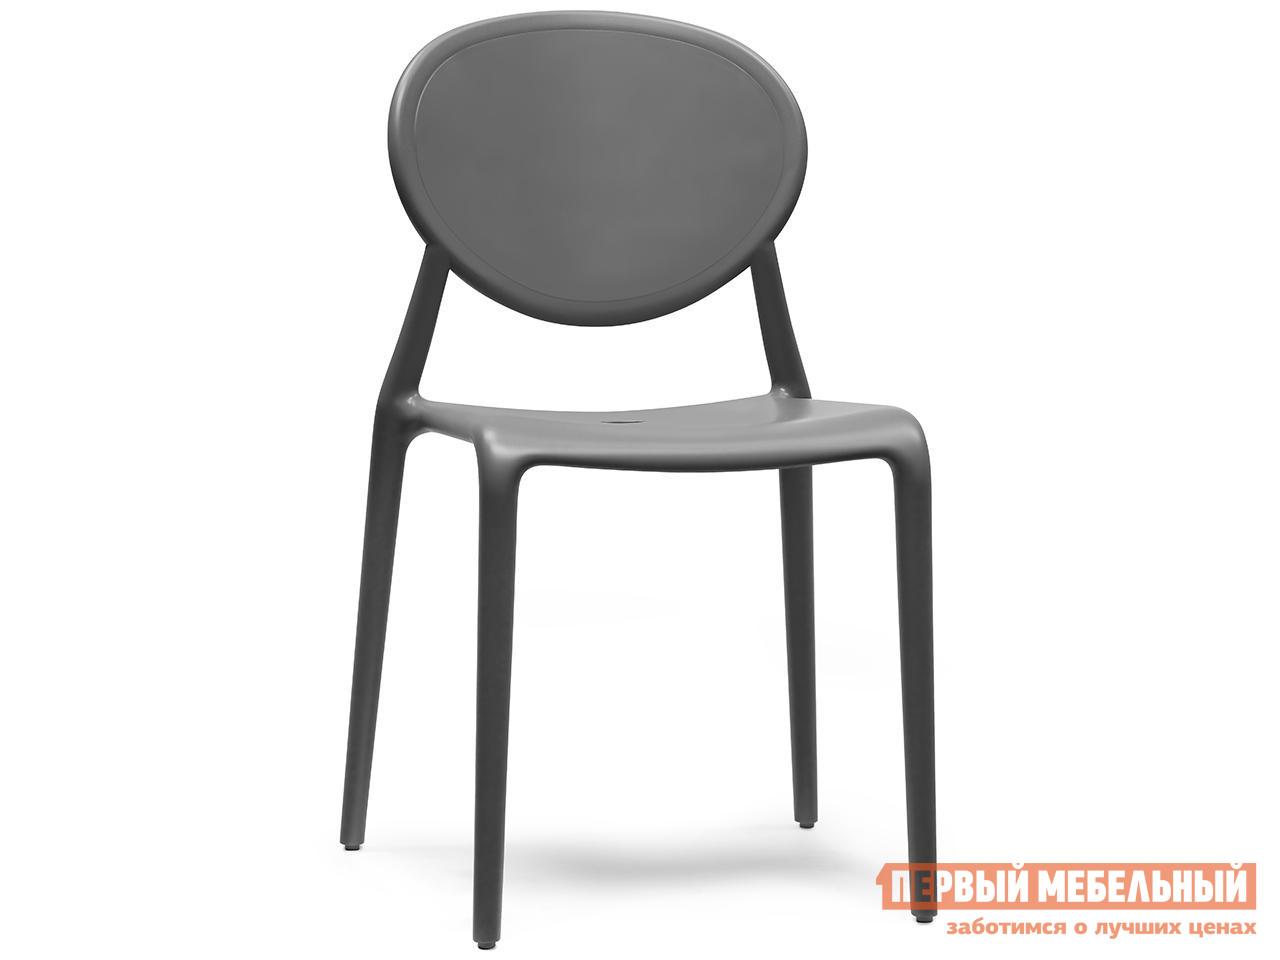 Пластиковый стул Рихаус Gio 005/231581 пластиковый стул рихаус net 4032656000 4032675000